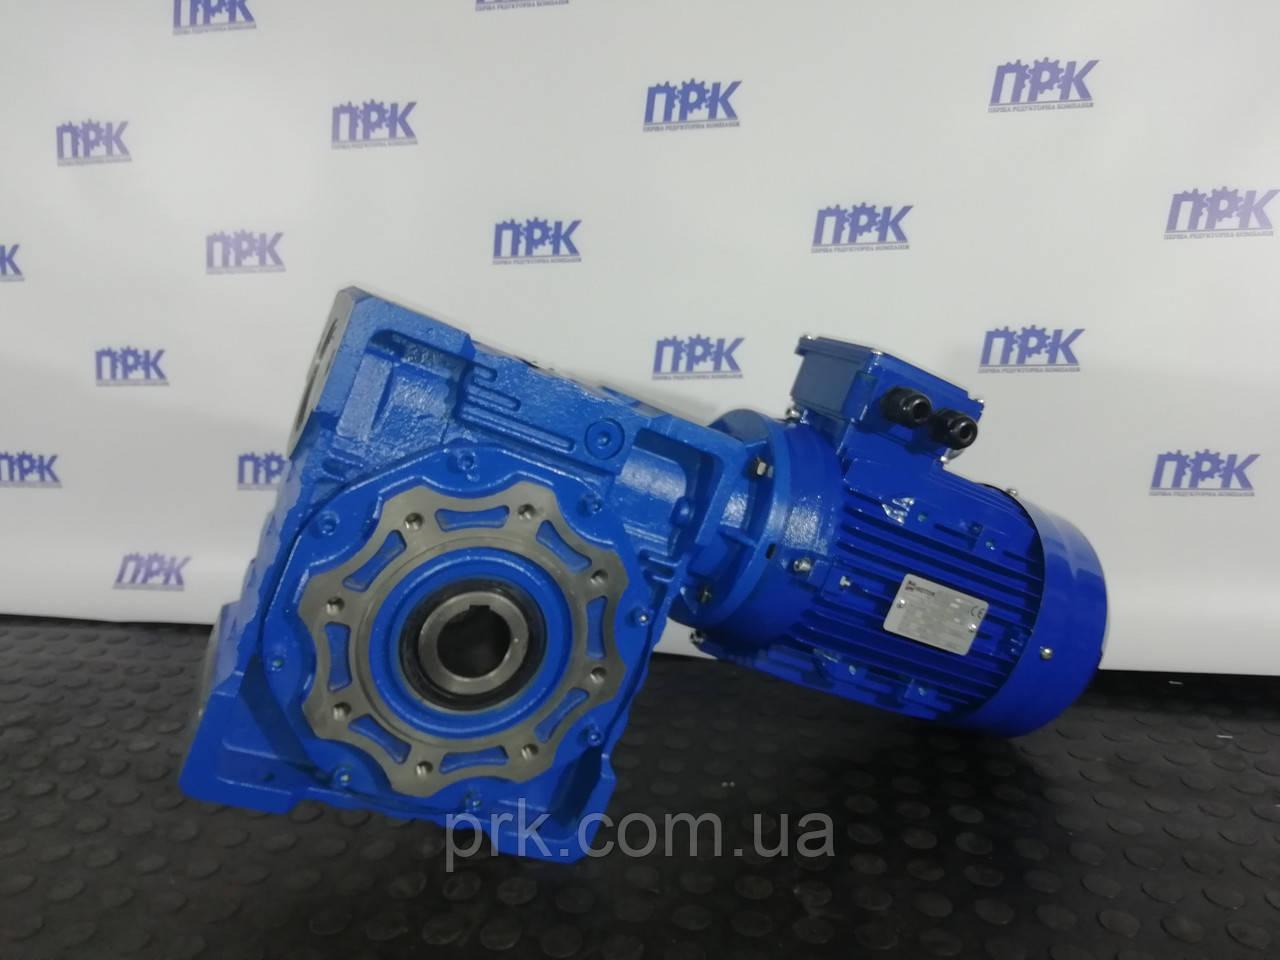 Мотор-редуктор червячный одноступенчатый NMRV 150